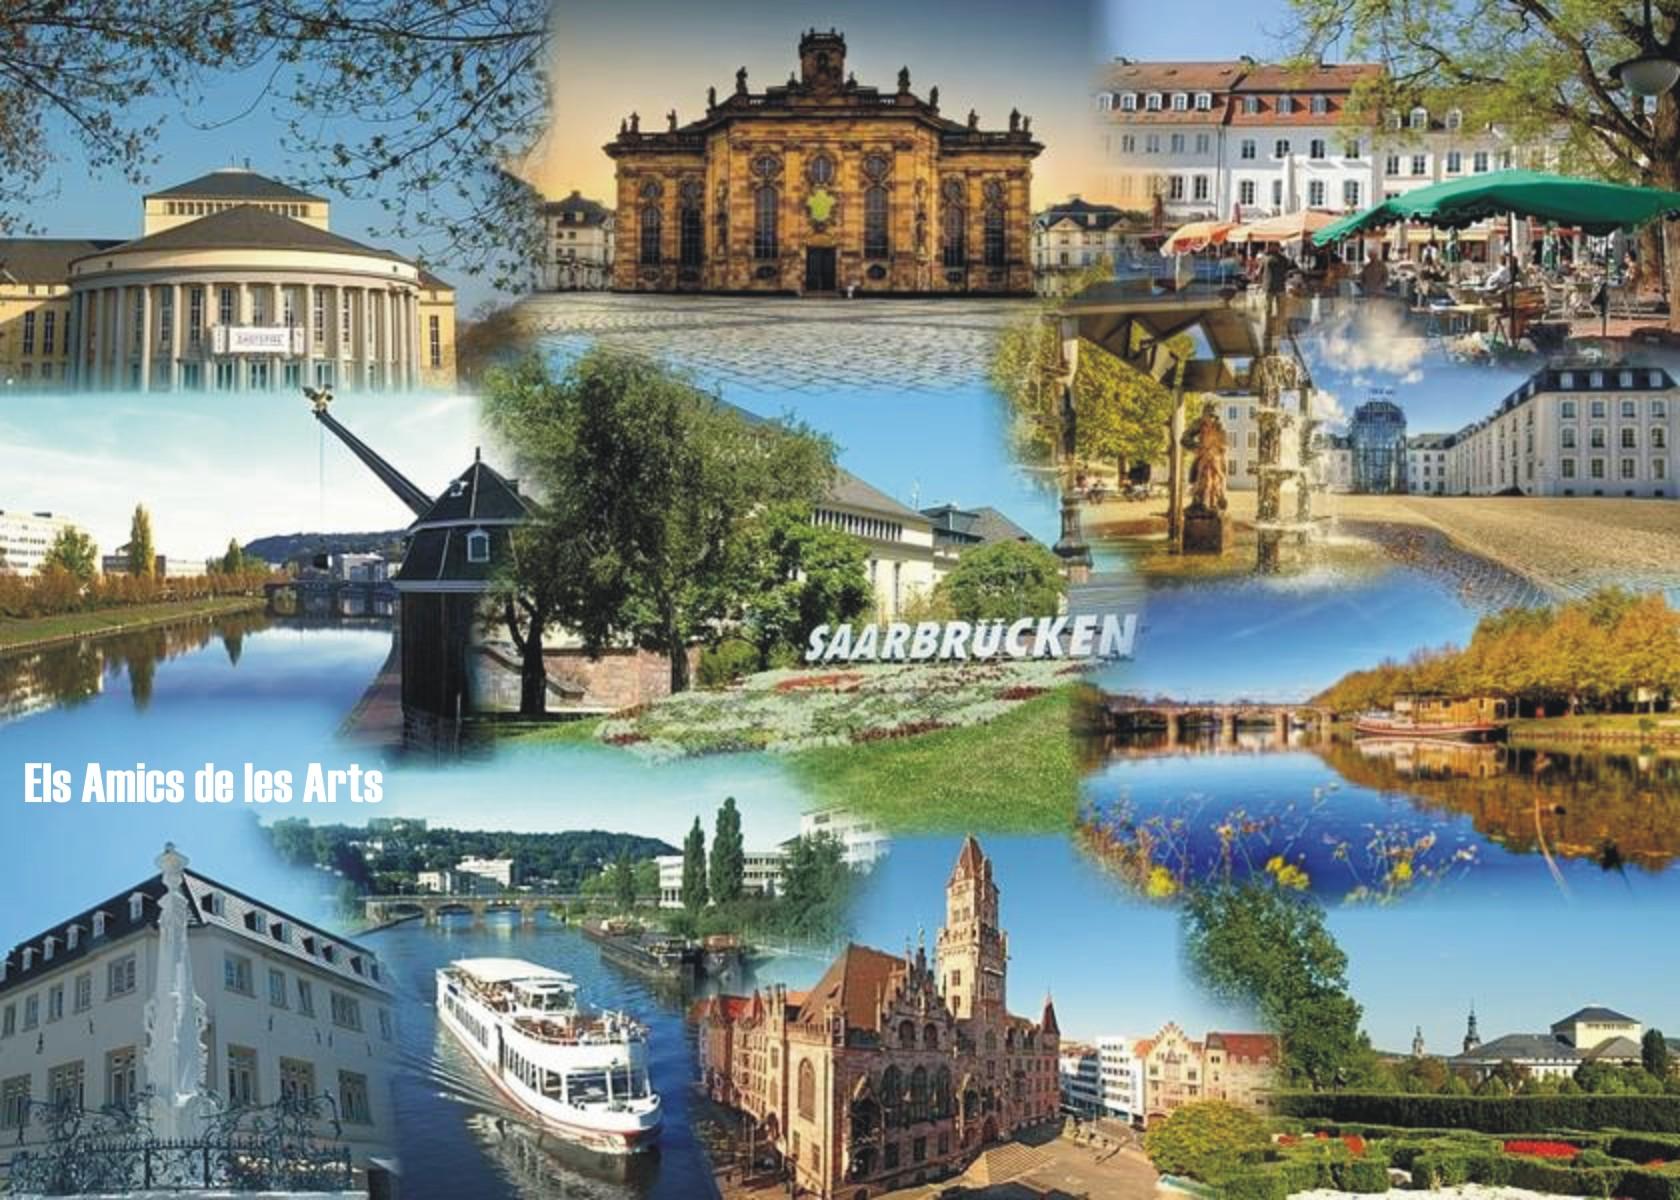 Una postal des de Saarbrücken #amicsgermantour - Els Amics